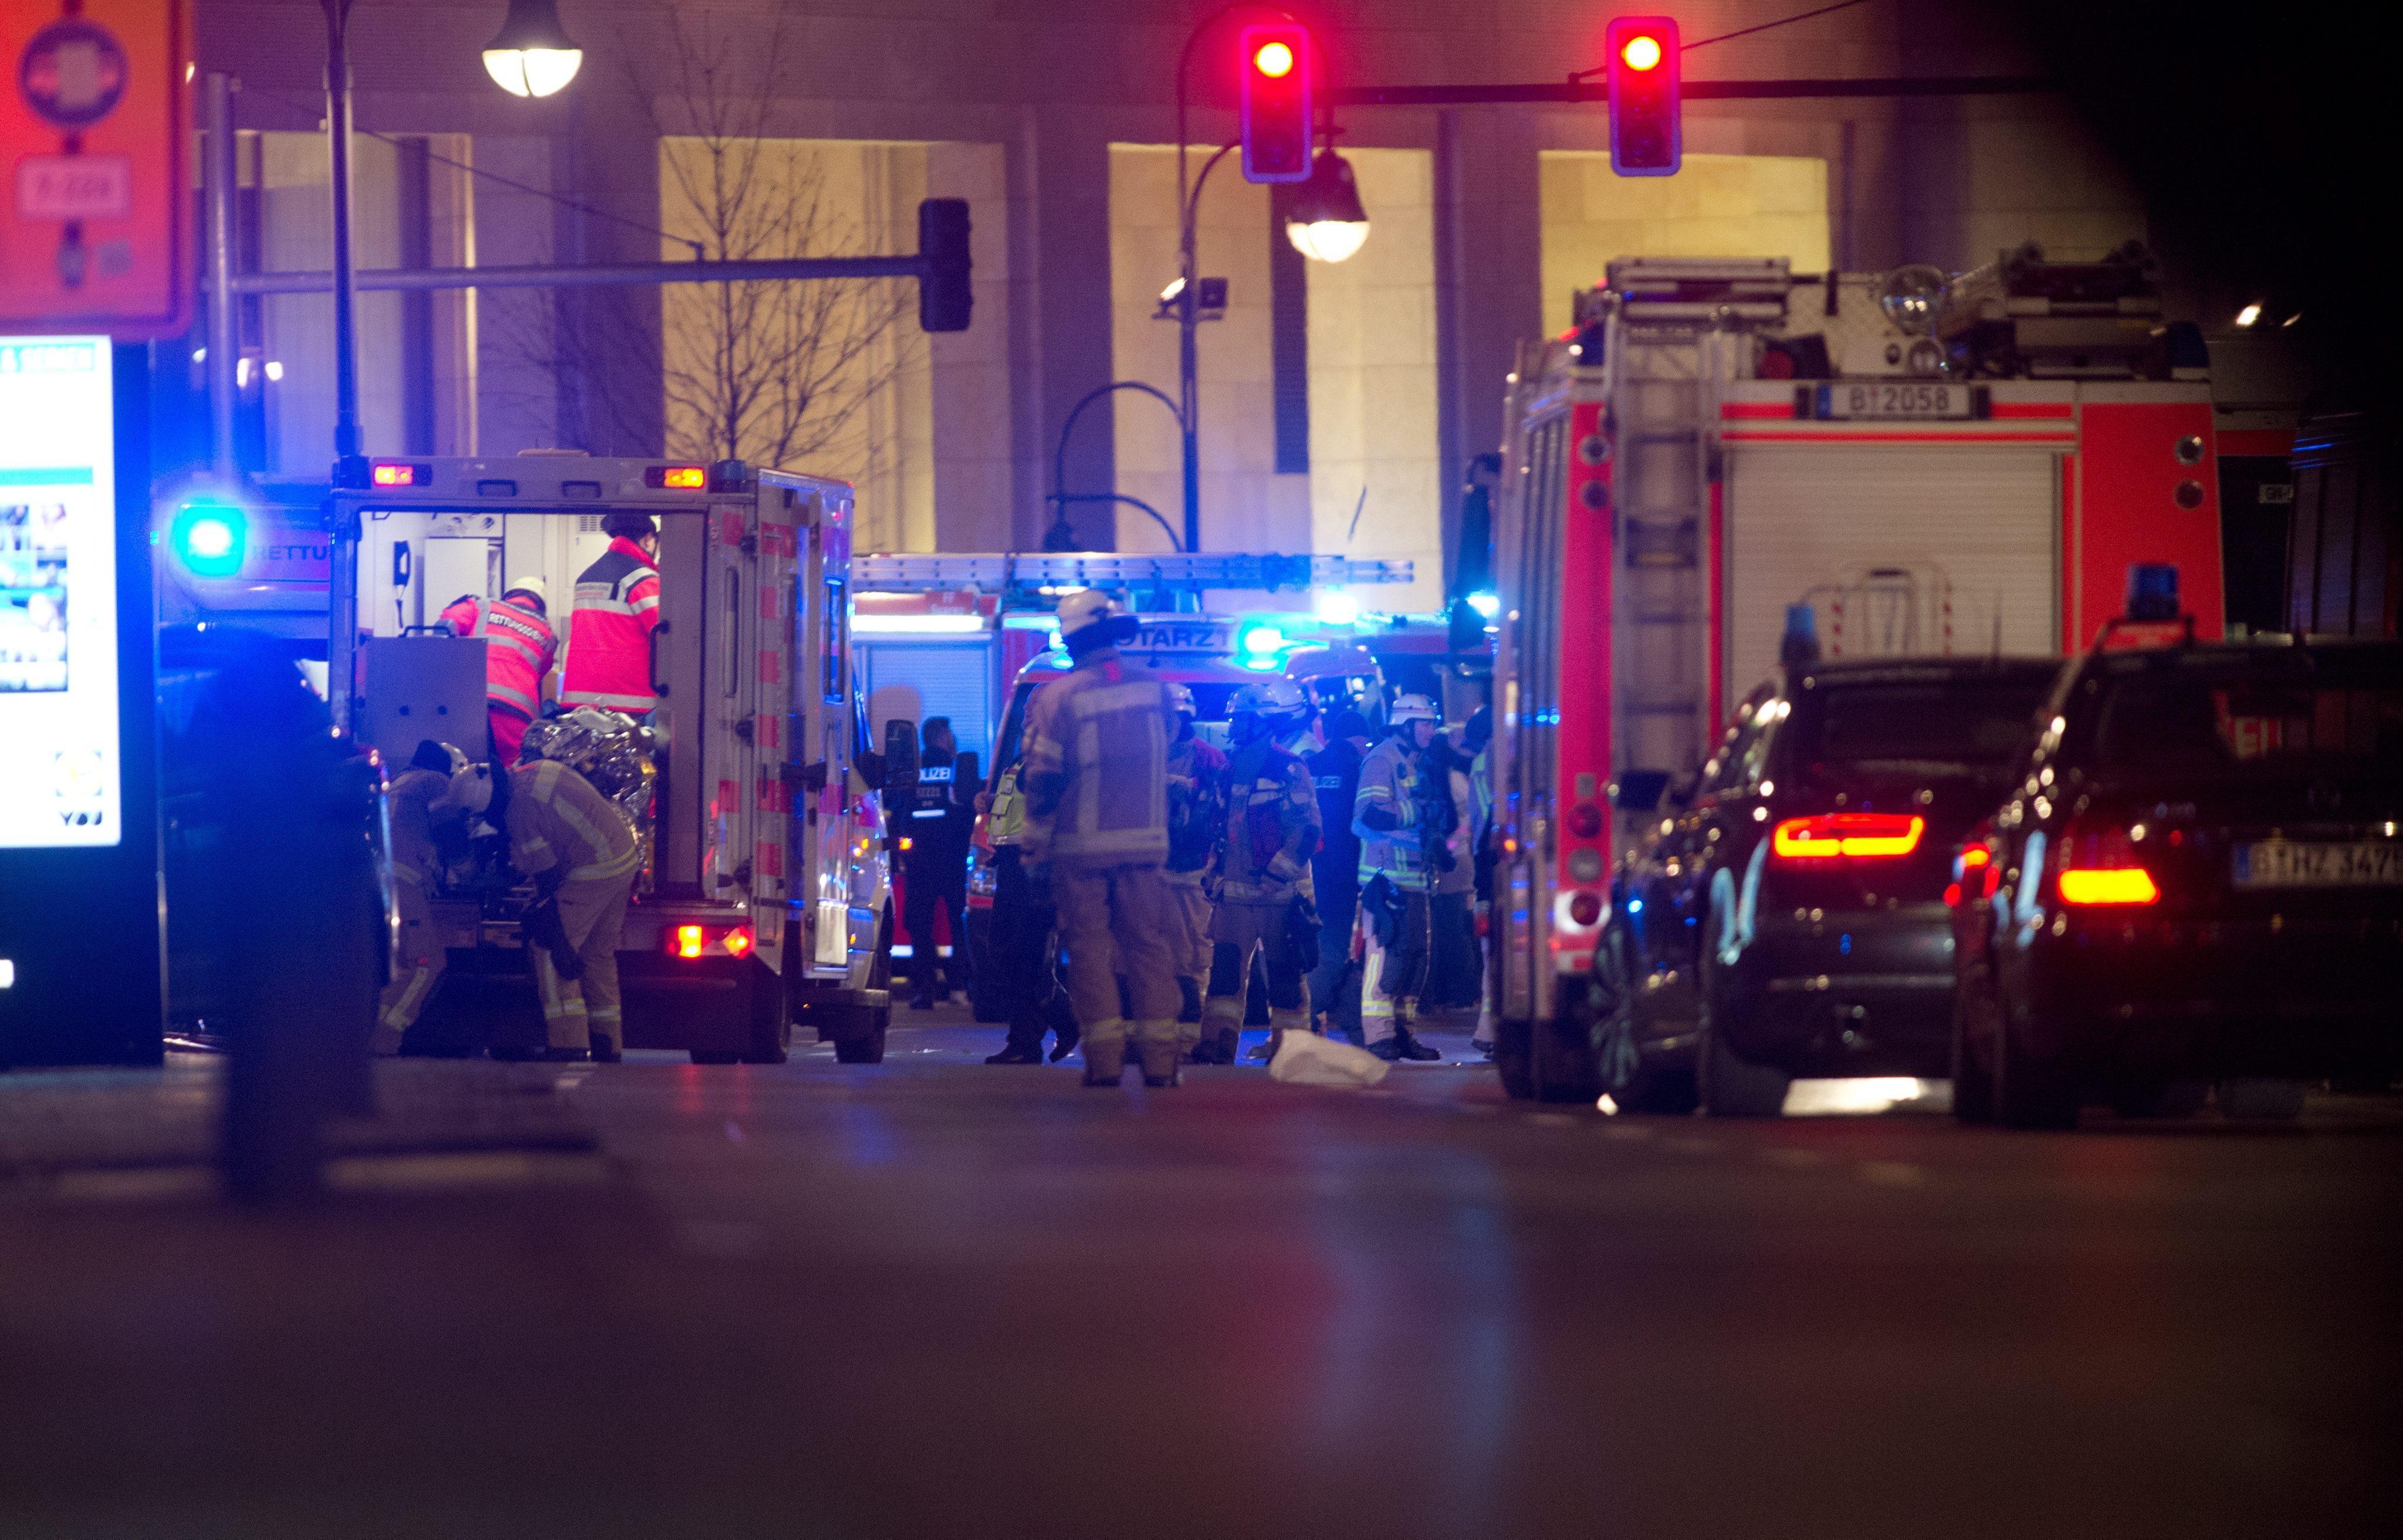 BER11. BERLÍN (ALEMANIA), 18/12/2016.- Equipos de rescate trabajan hoy, lunes 19 de diciembre de 2016, en la zona en la que un camión se estrelló contra un mercado de Navidad, cerca de la iglesia conmemorativa Kaiser Wilhelm en Berlín, (Alemania). Según la policía, un hombre fue reportado muerto por lo que la policía sospecha que se trató de un Ataque deliberado. EFE / PAUL ZINKEN